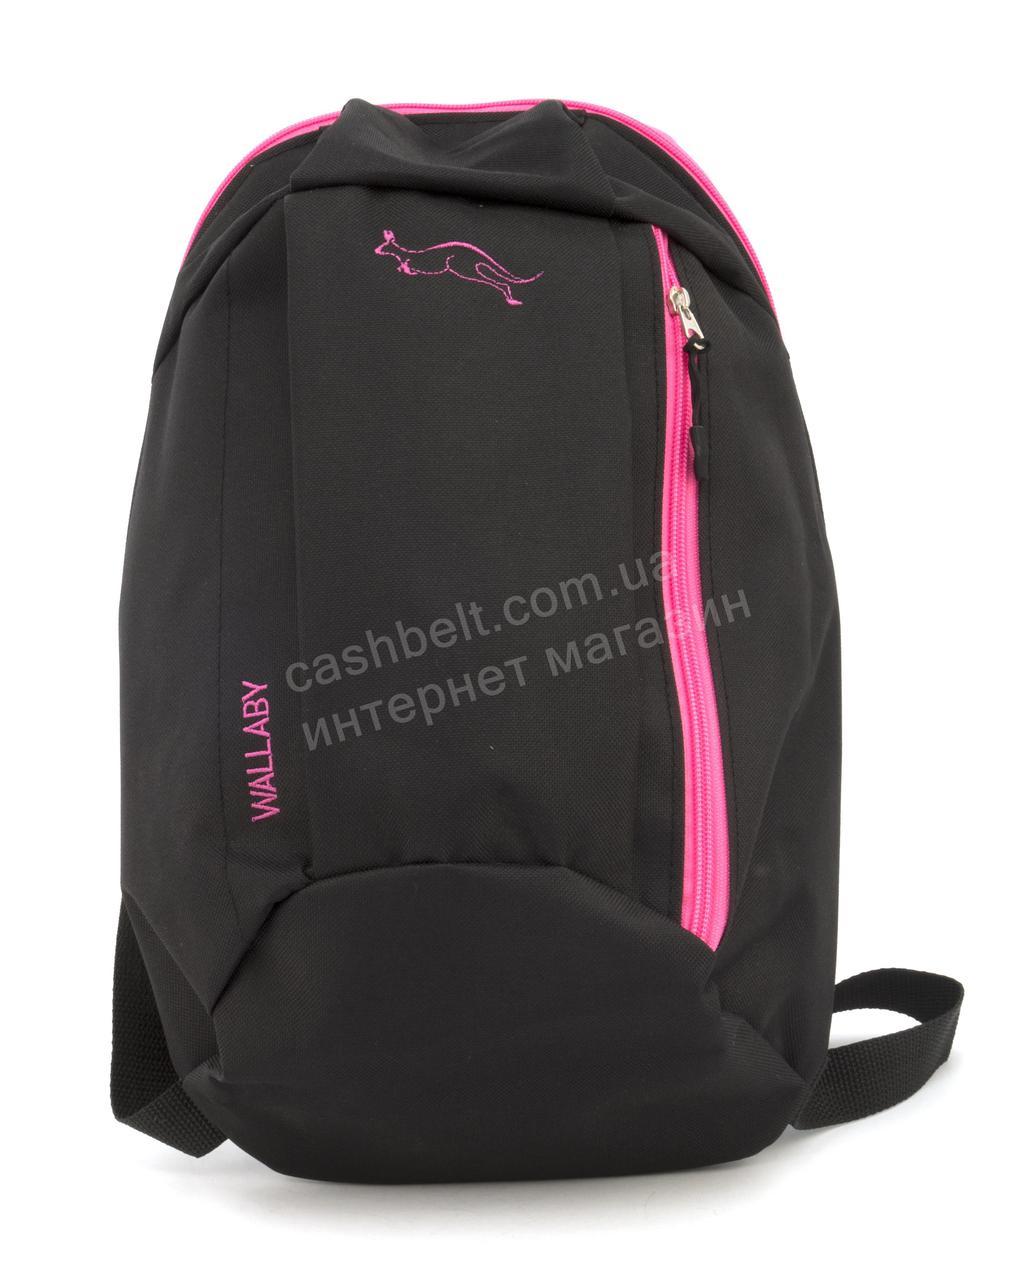 Удобный плоский вместительный рюкзачек WALLABY art. 151 черный/розовый Украина